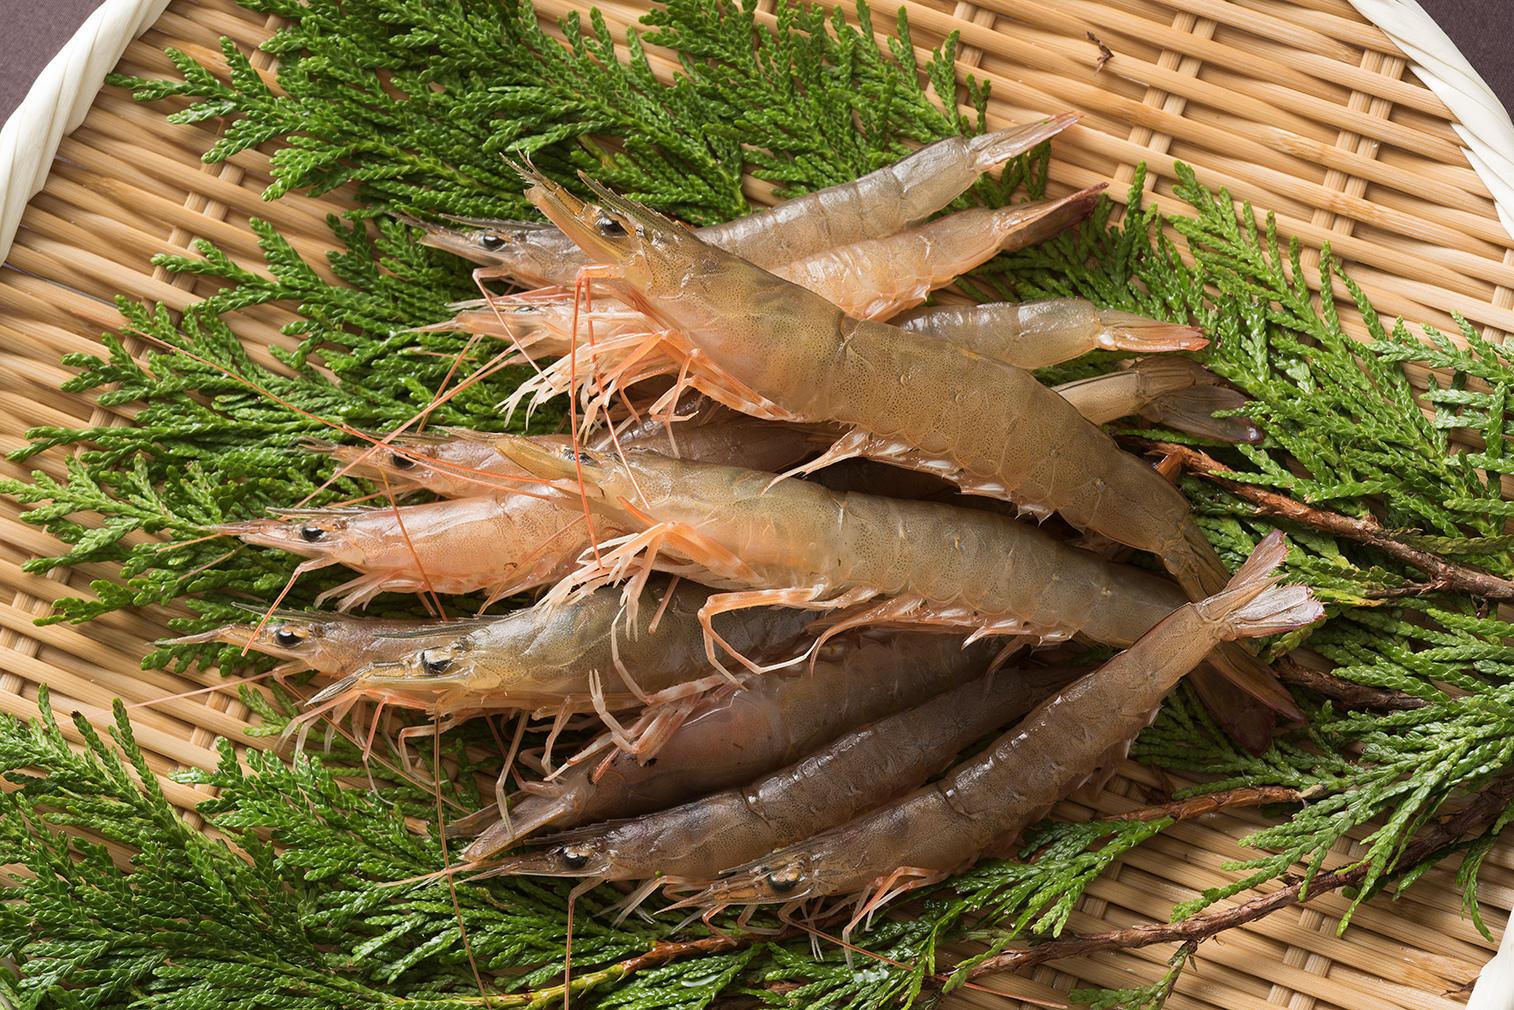 イチオシ地魚情報| ヨシエビ|じざかなび福岡公式サイト